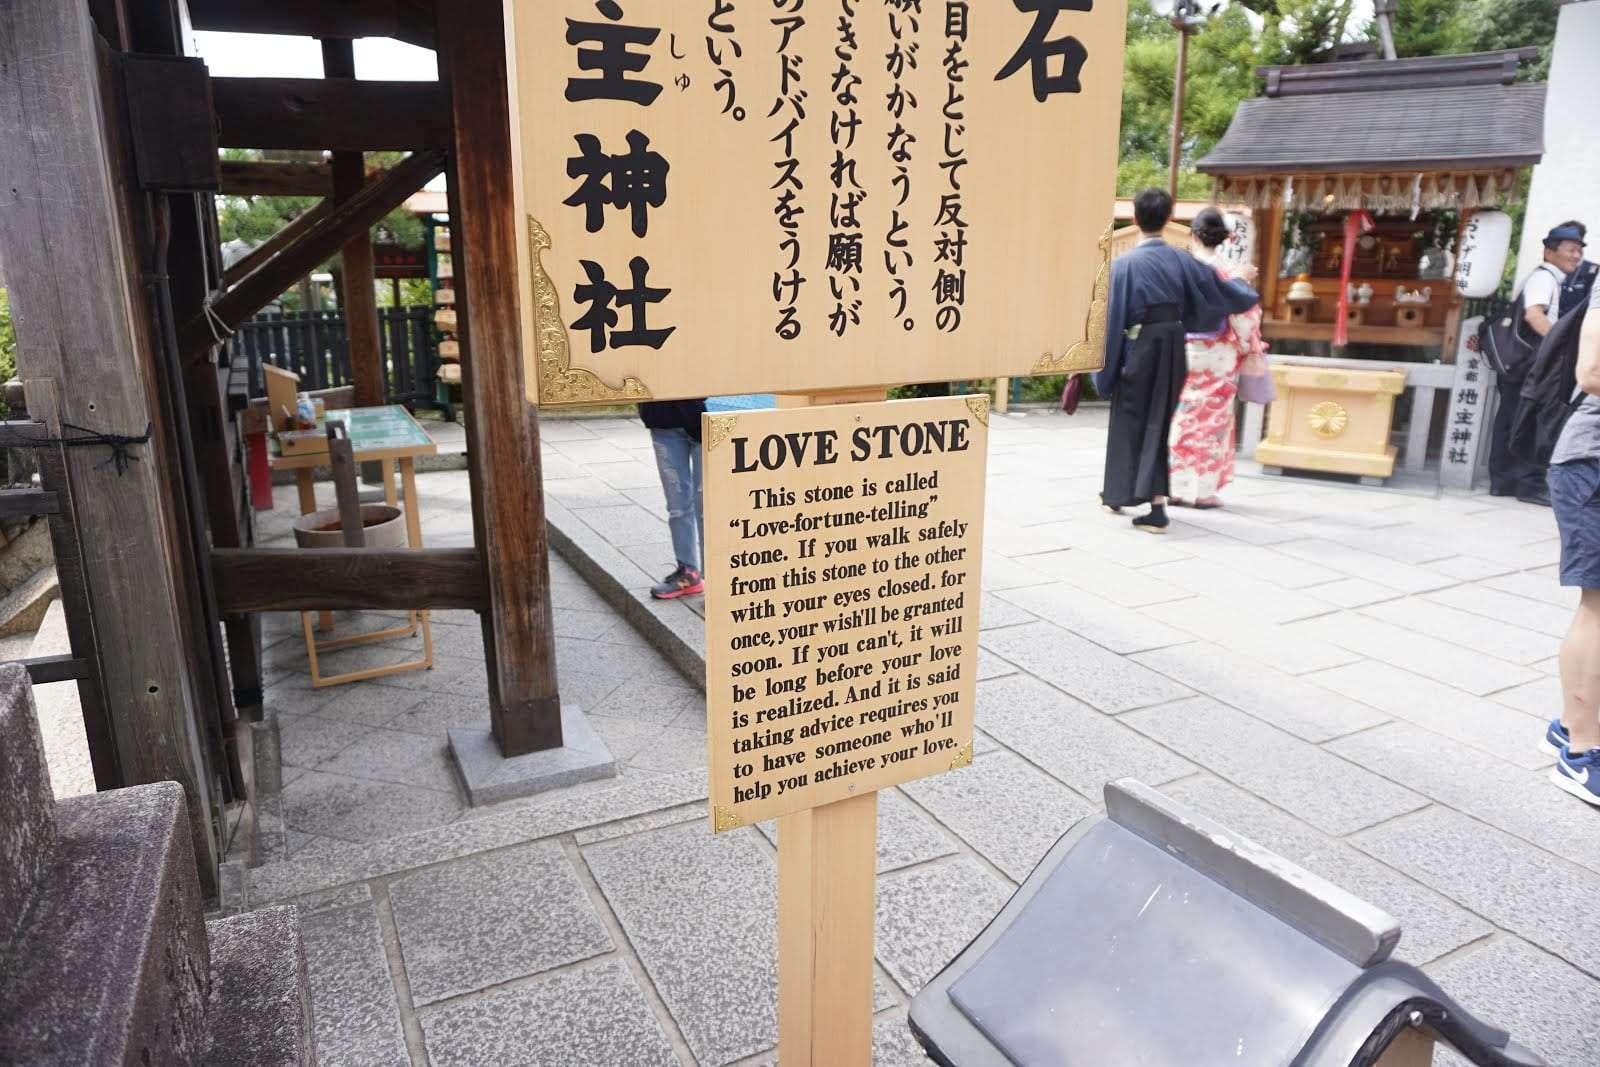 Love Stone, Jishu Shrine, Kyoto